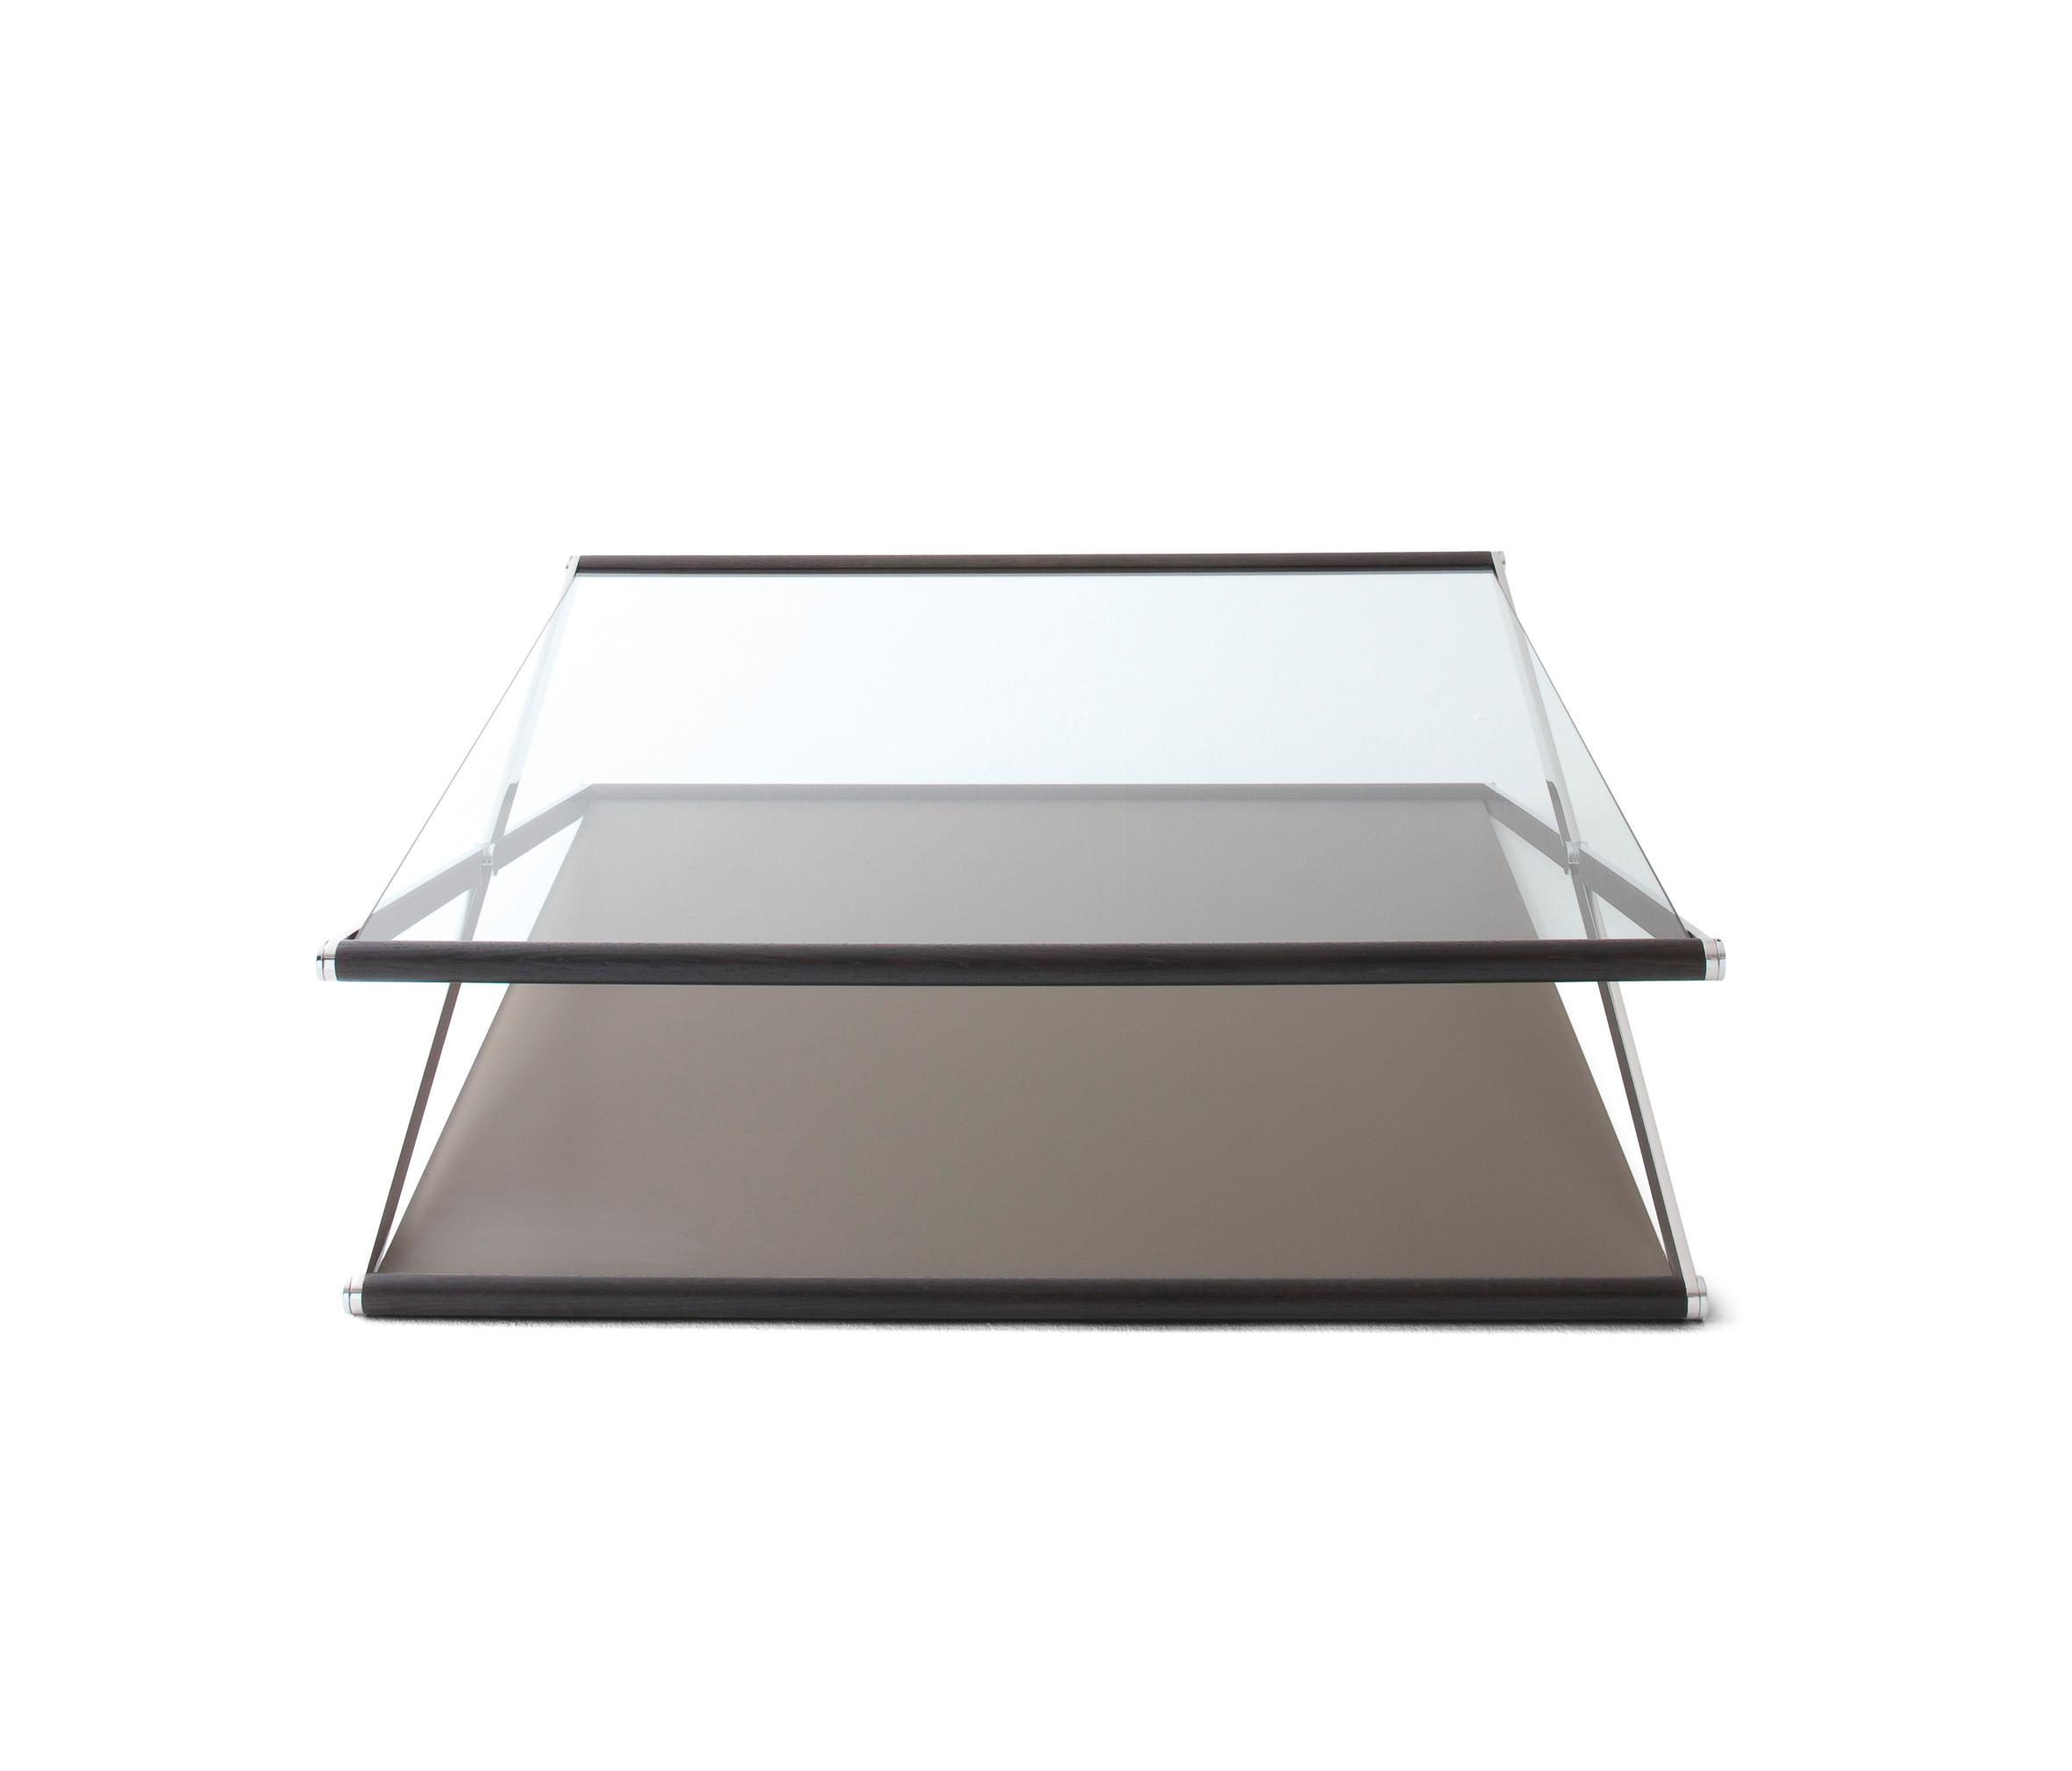 nox - tavolini da salotto gallotti&radice | architonic - Tavolini Soggiorno Wenge 2